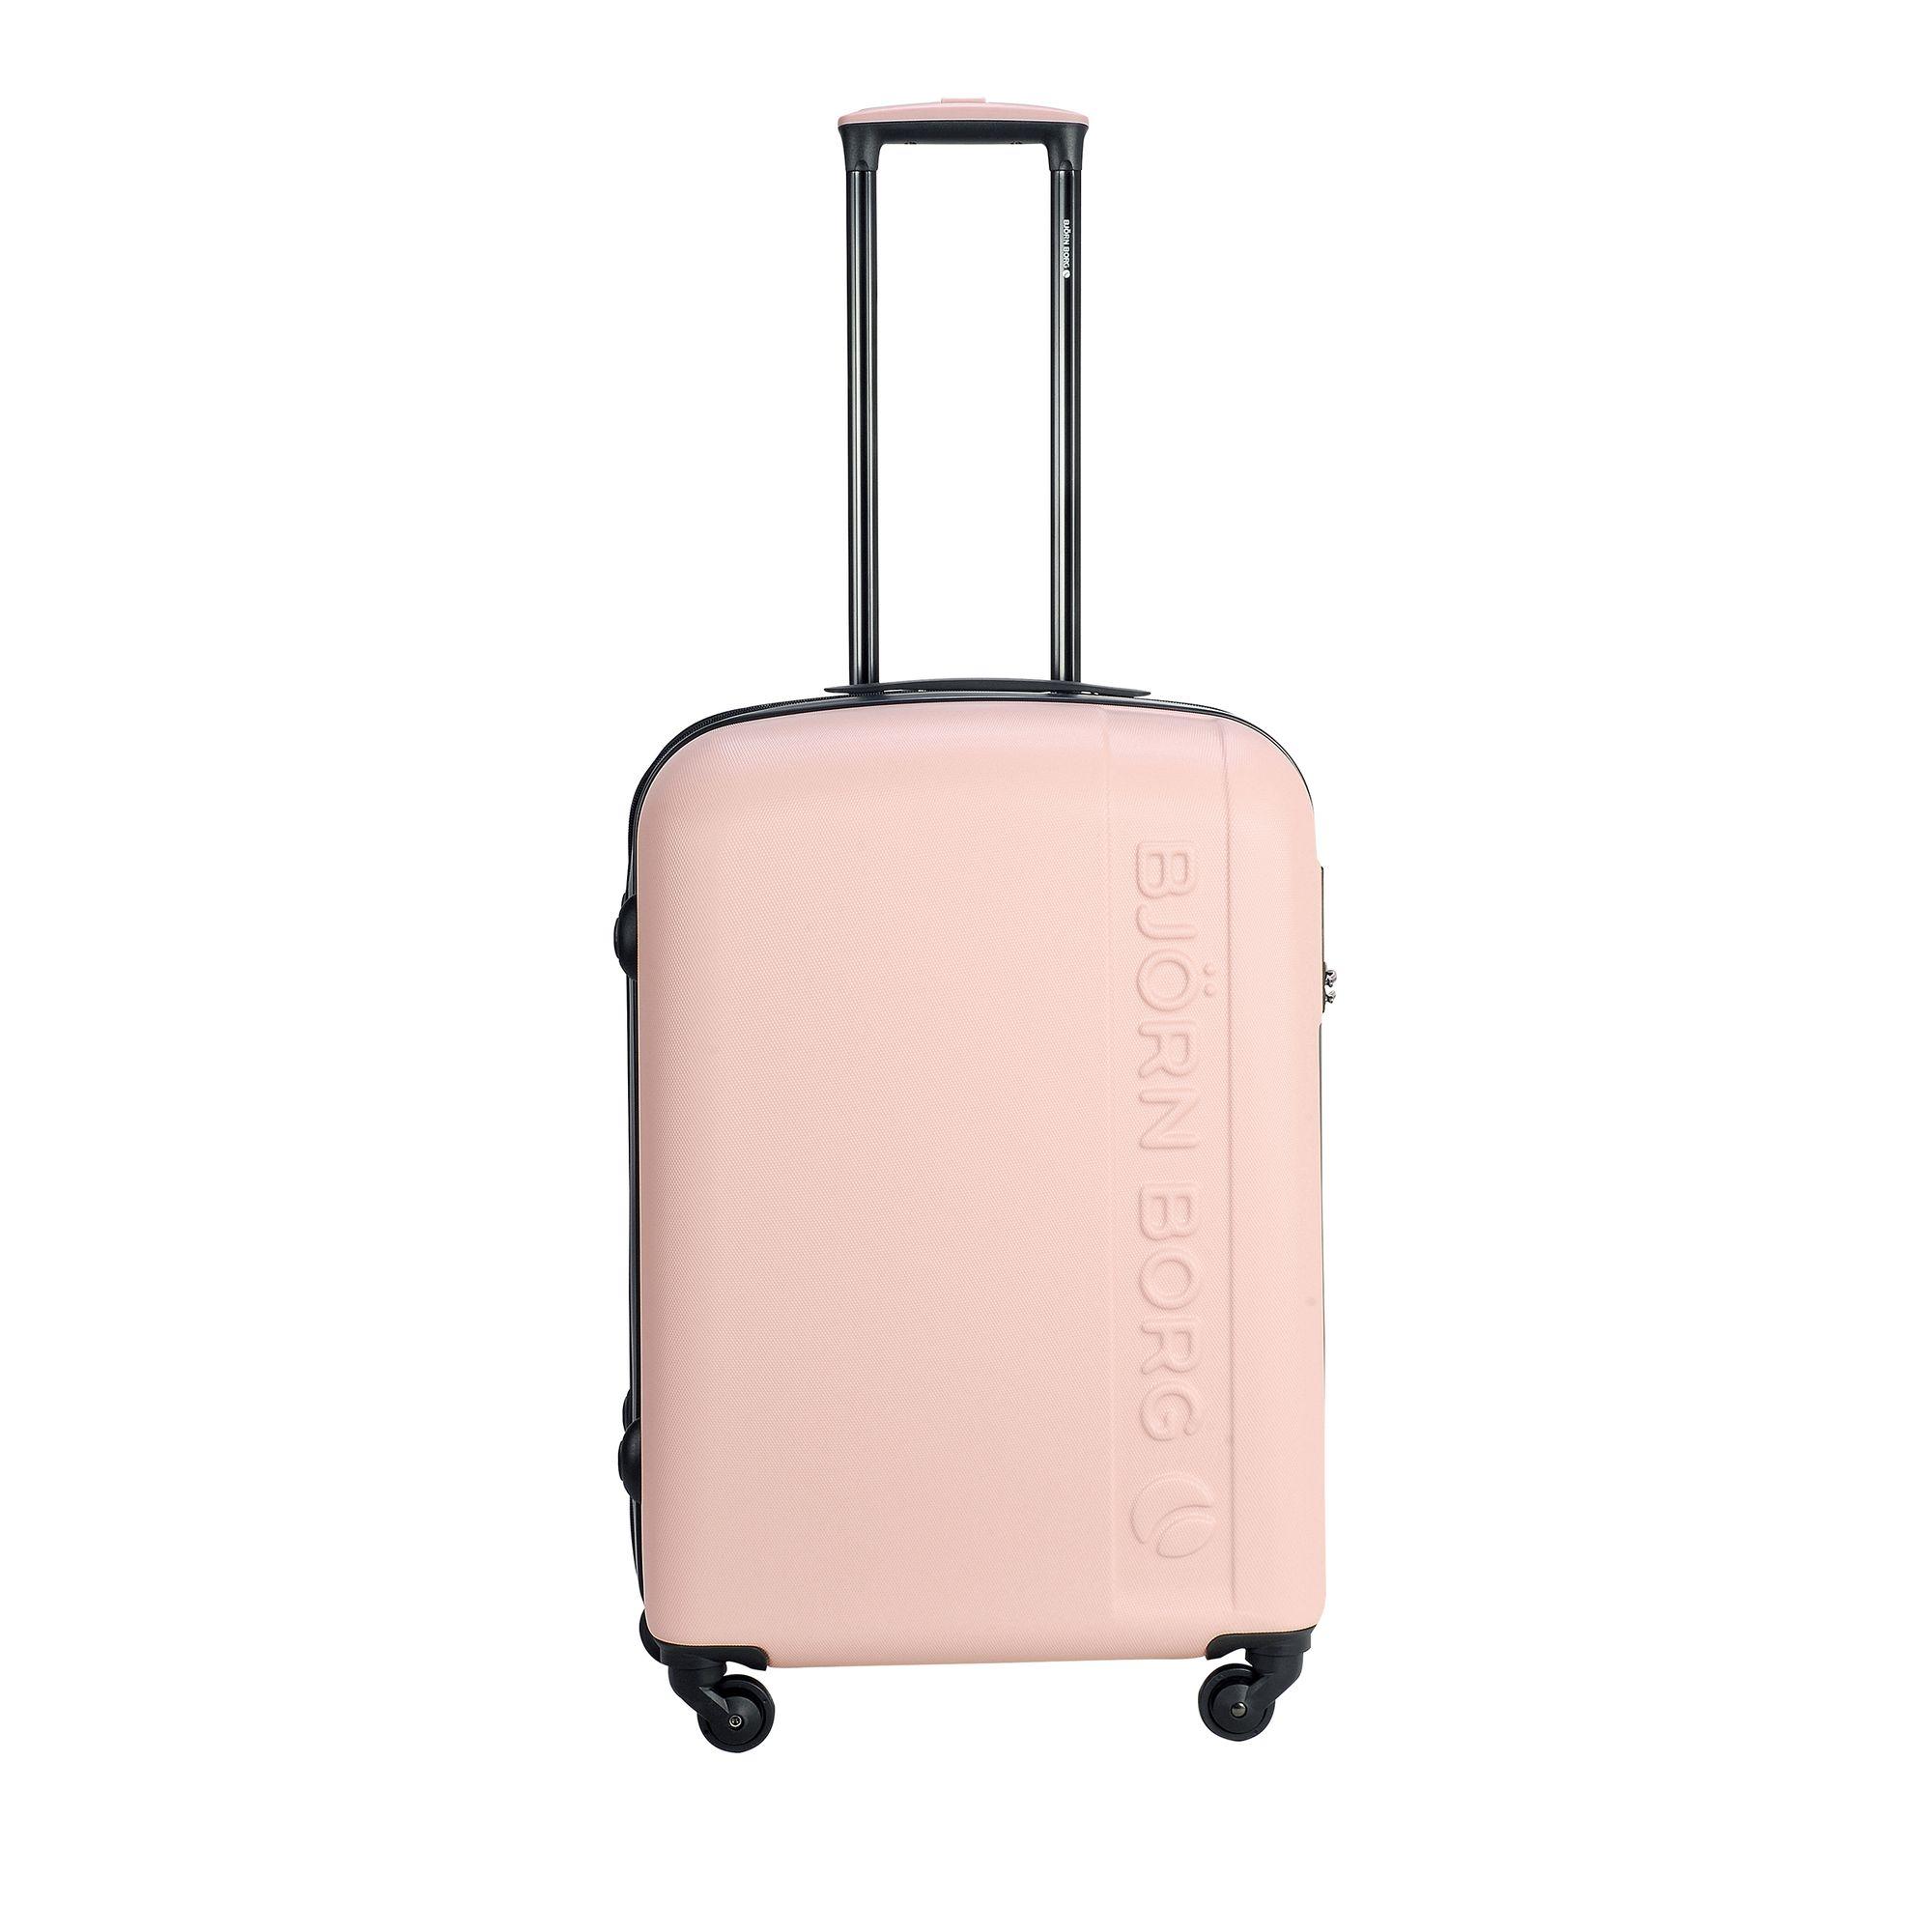 Björn Borg Hot Solid resväska med 4 hjul, 55/65/78 cm, Rosa, 67cm